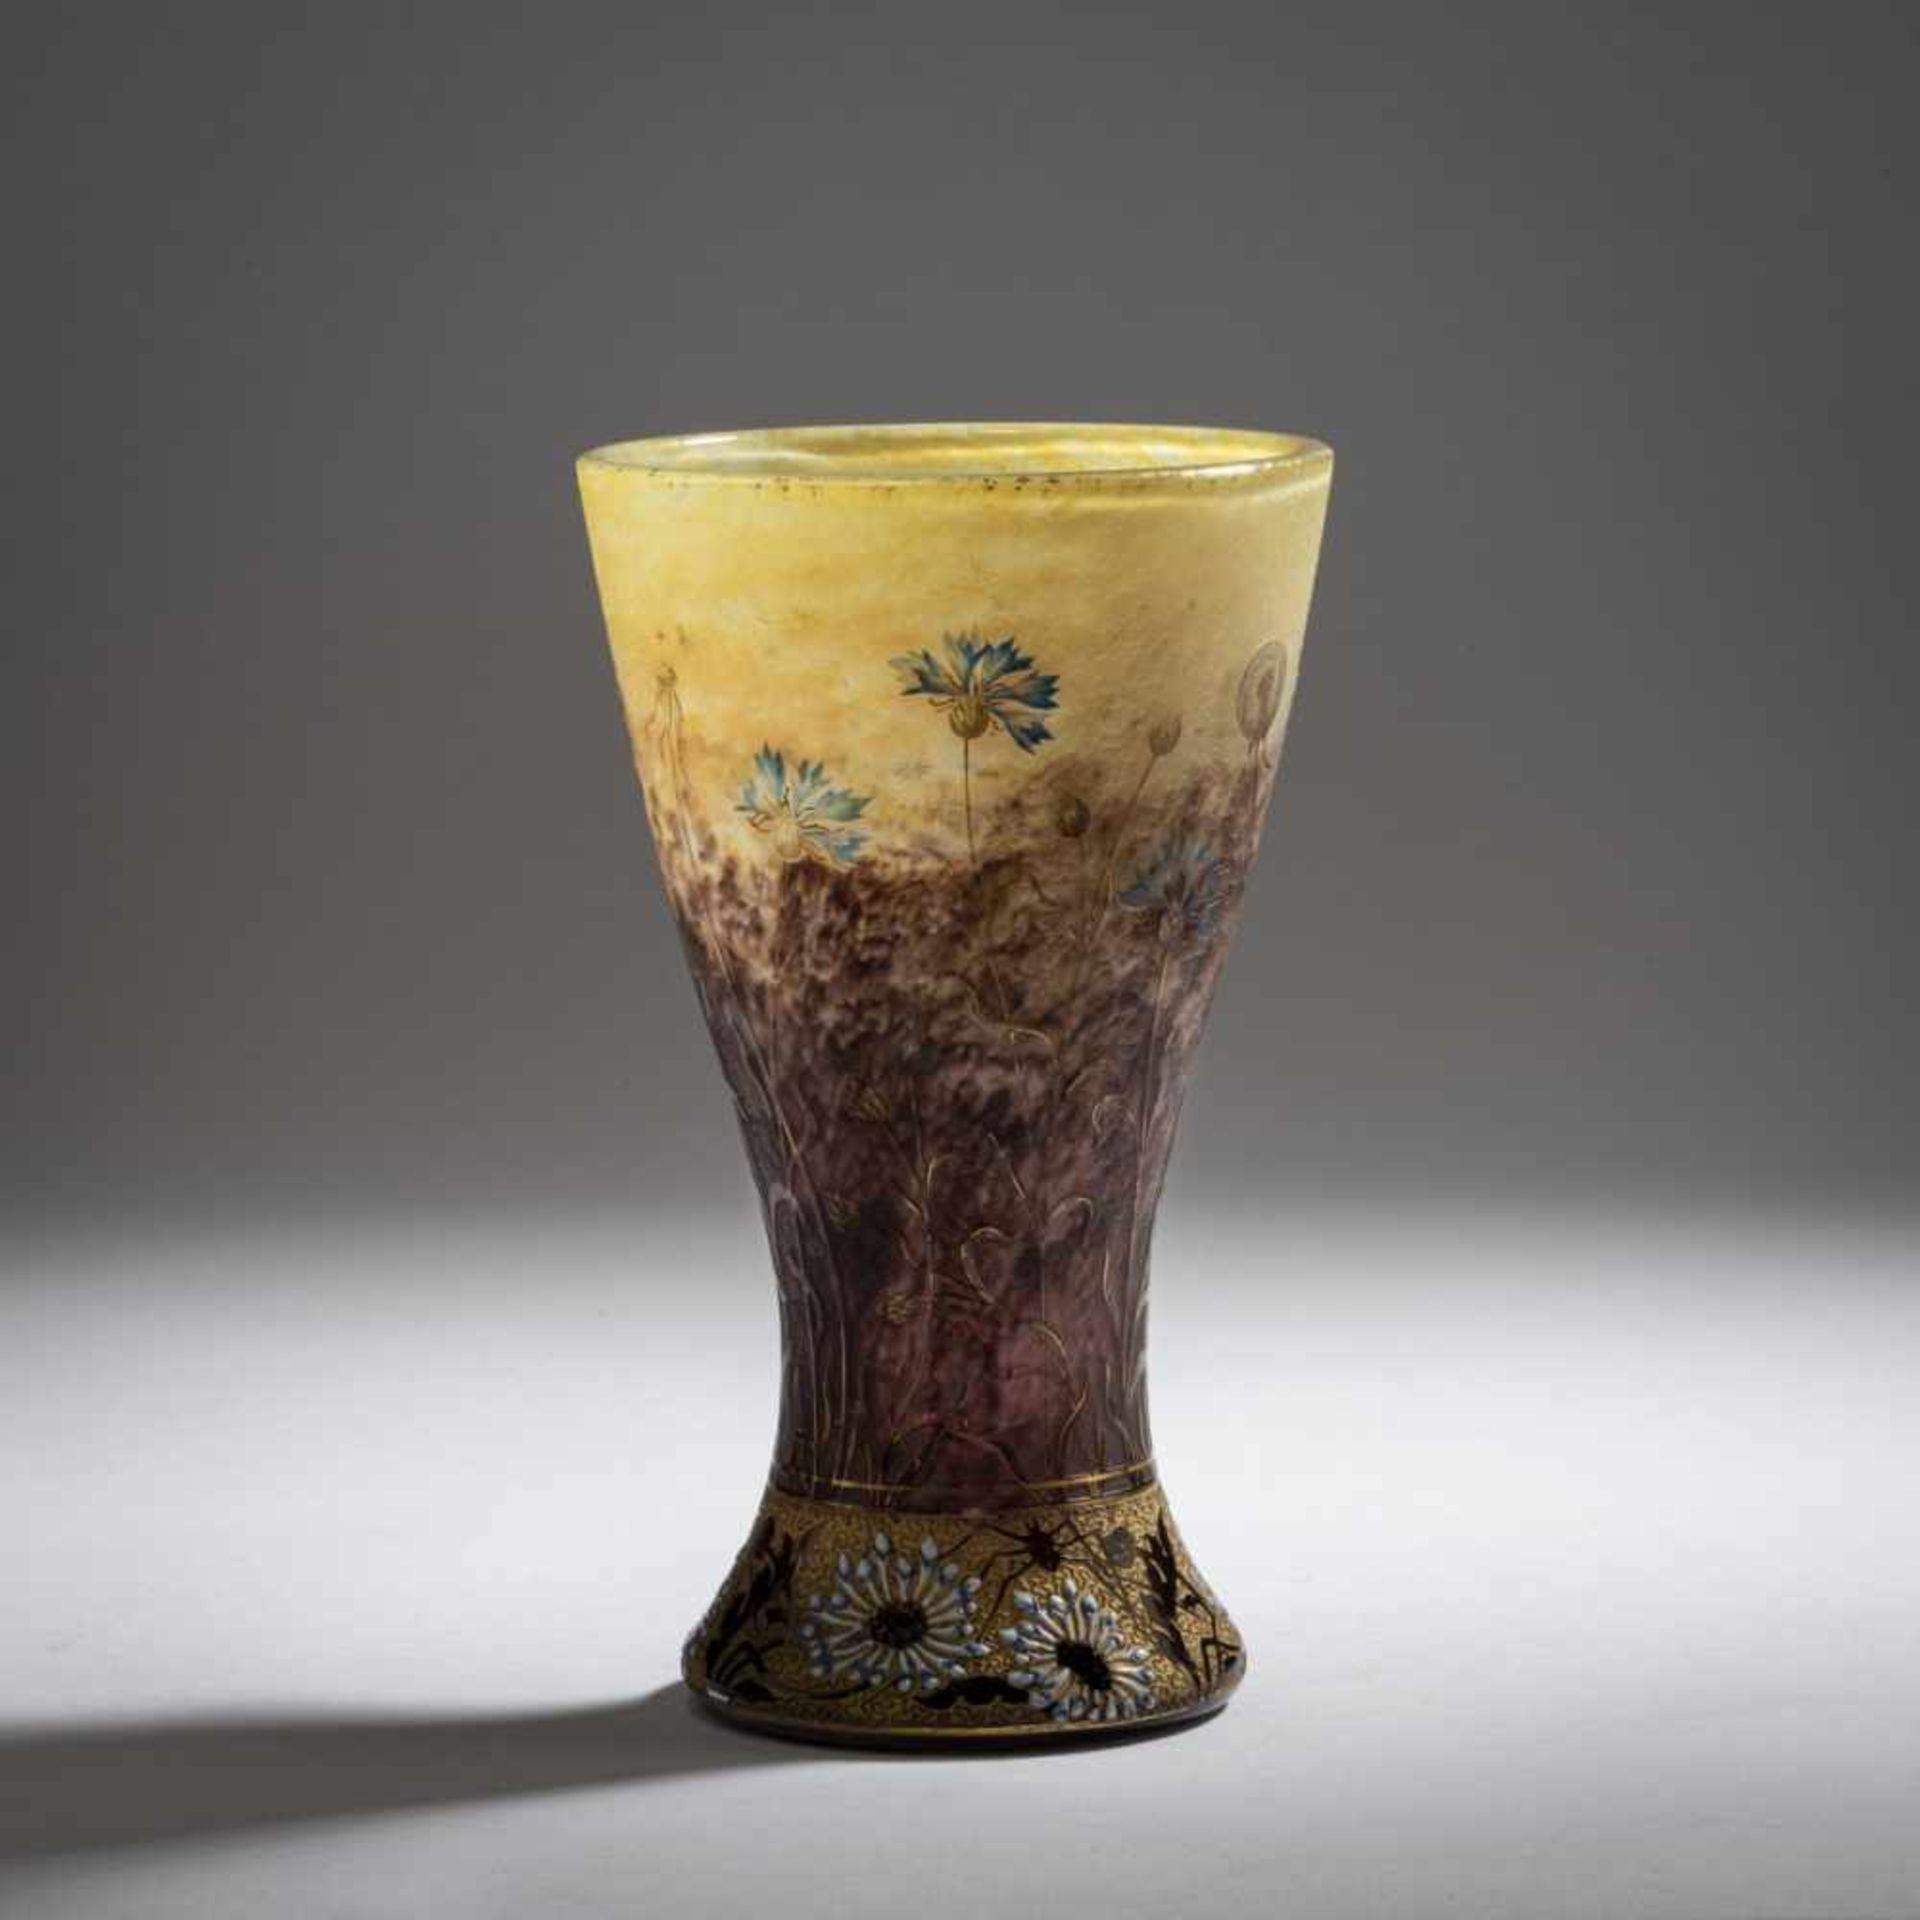 Daum Frères, Nancy, Vase 'Bleuets et Pissenlit', 1901 - Bild 2 aus 5